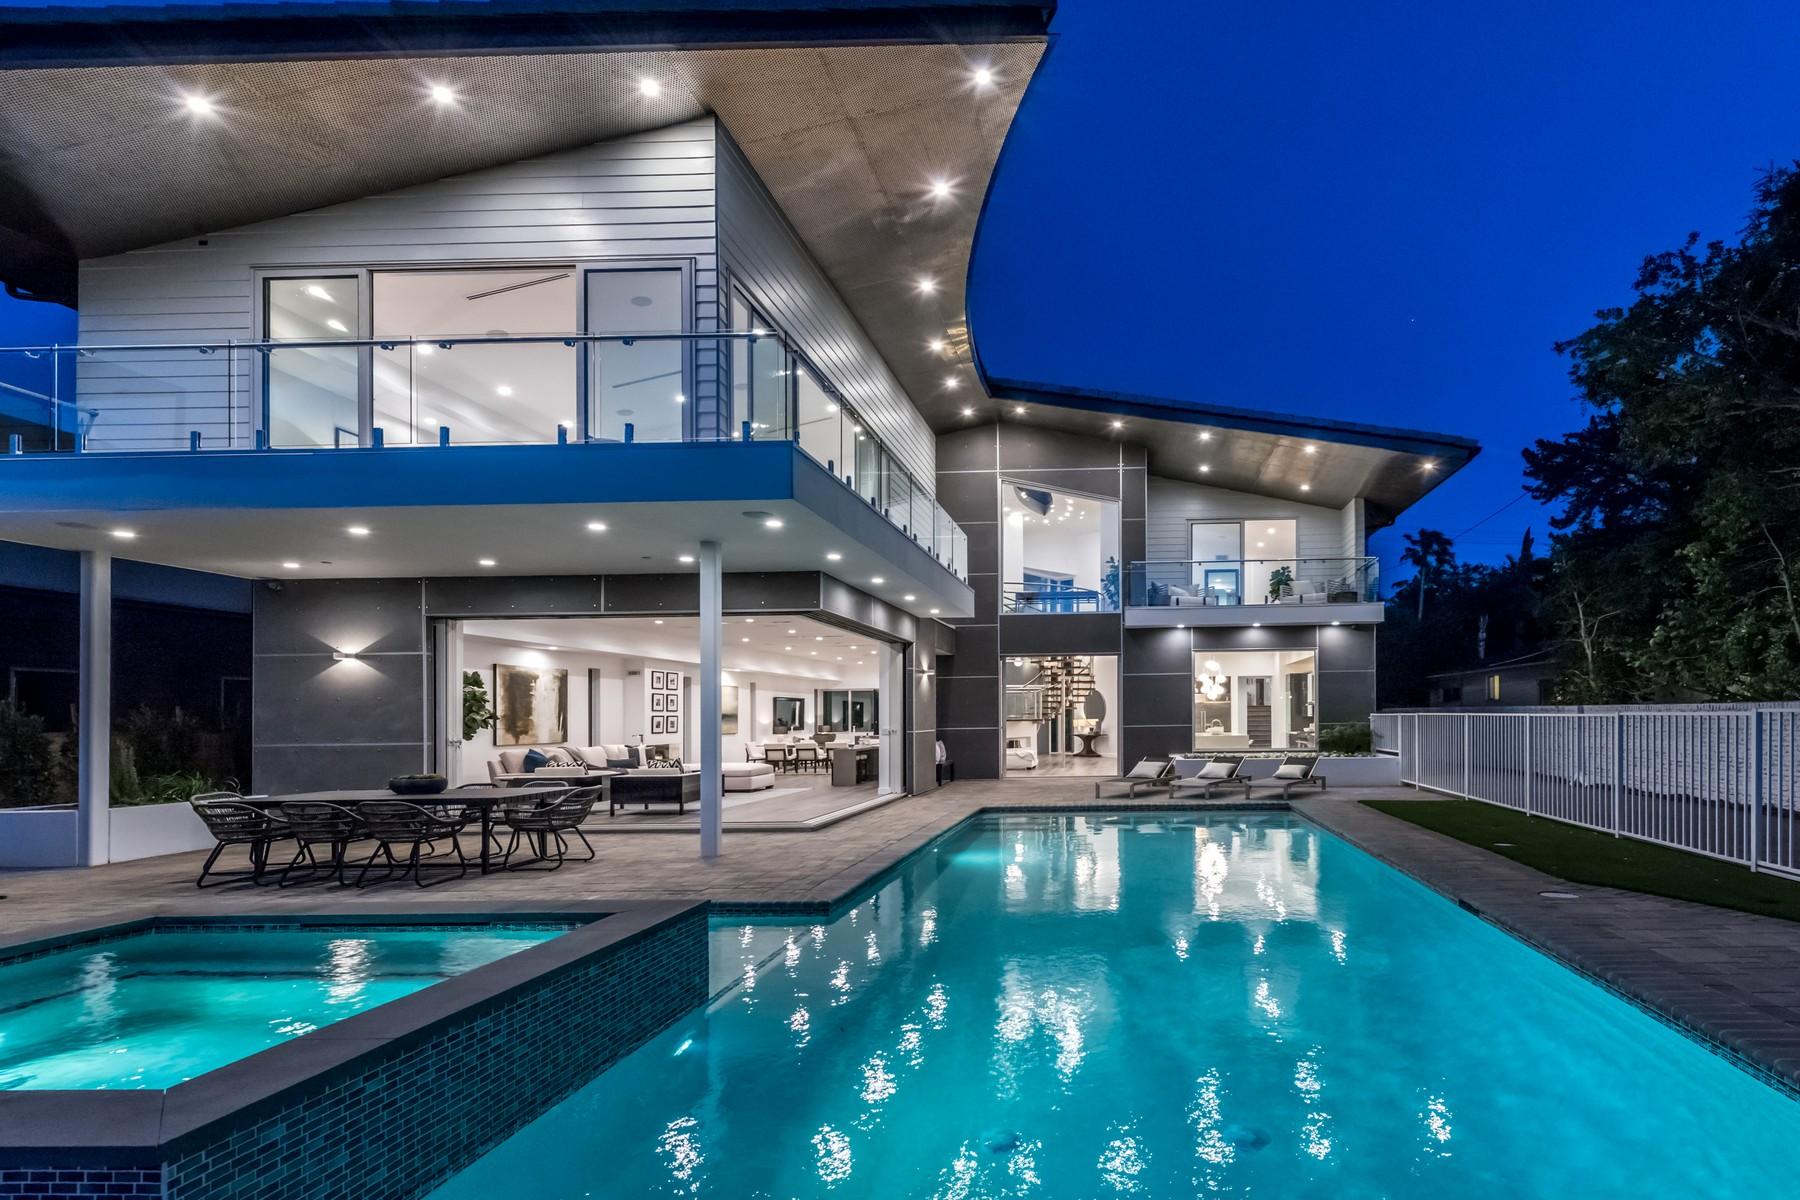 独户住宅 为 销售 在 4661 Hayvenhurst Ave 恩西诺, 加利福尼亚州, 91436 美国